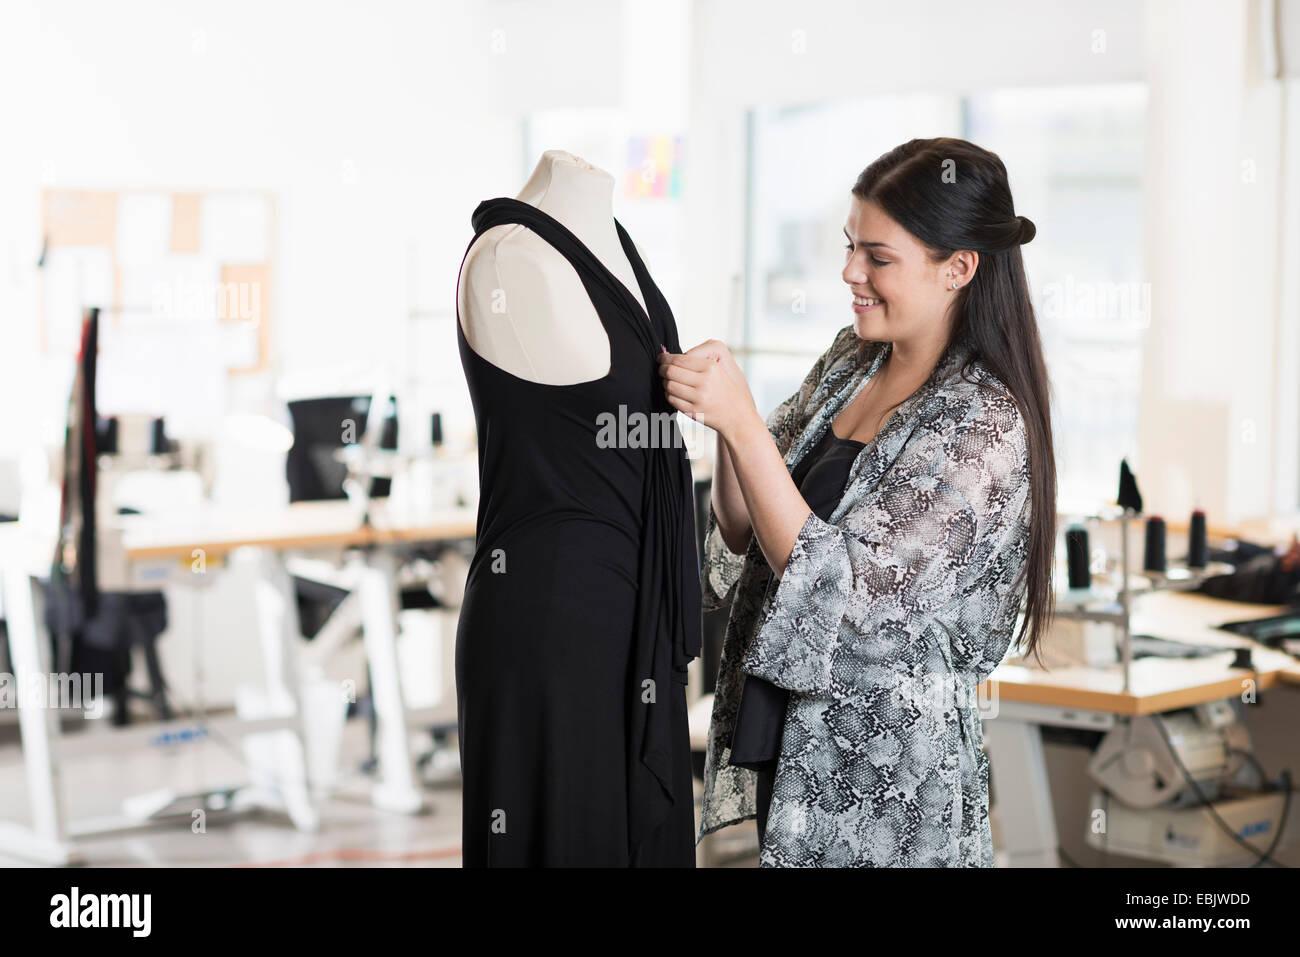 Giovane sarta montaggio abito su sarti ciuccio in officina Immagini Stock